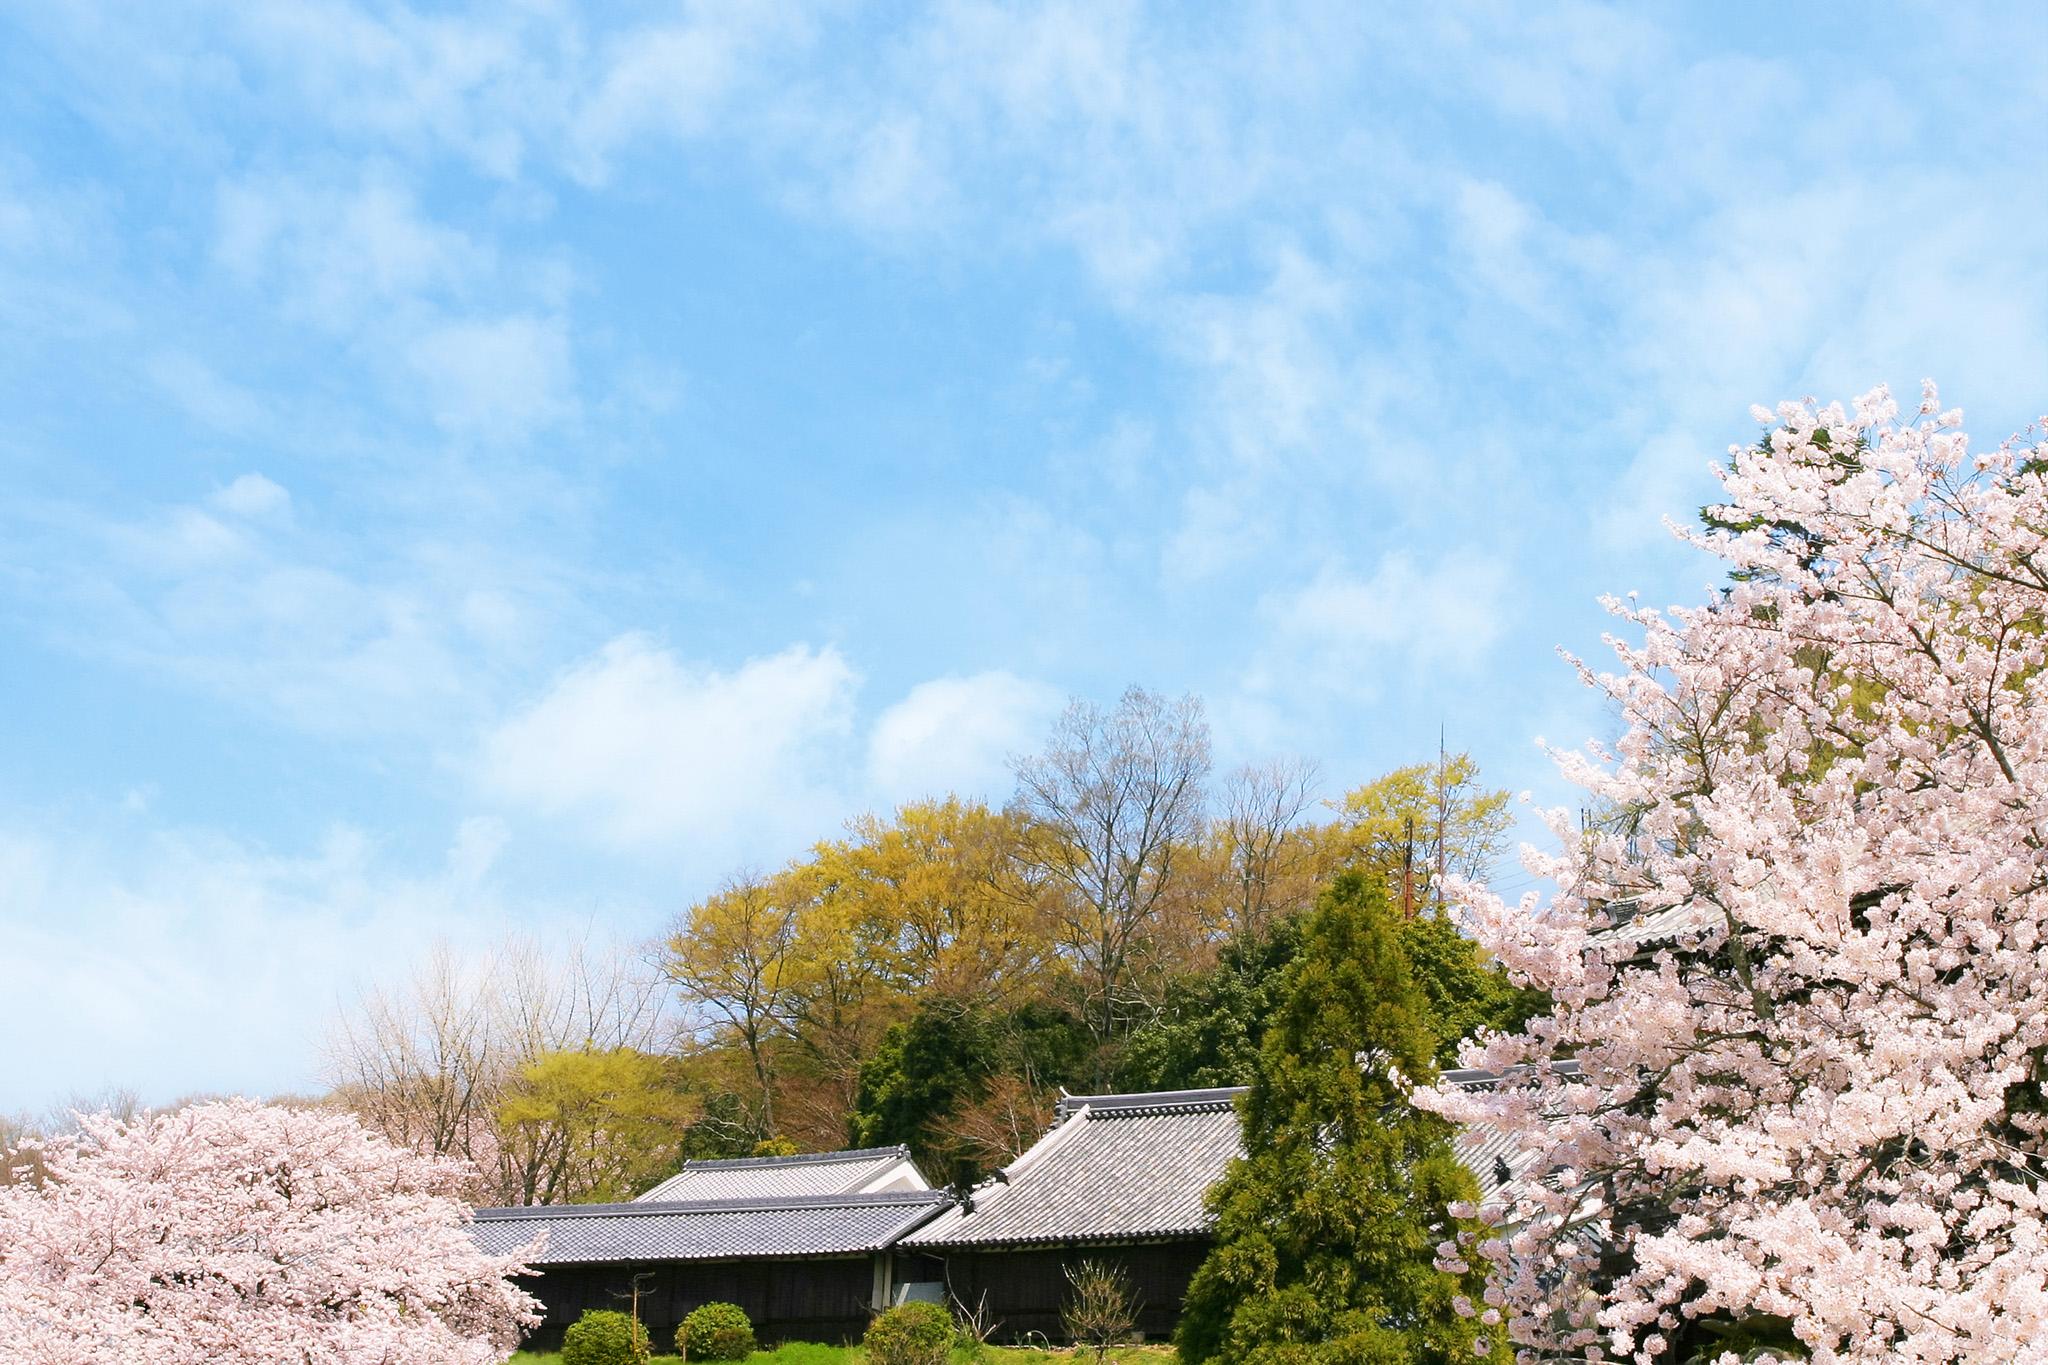 桜咲く里山の春